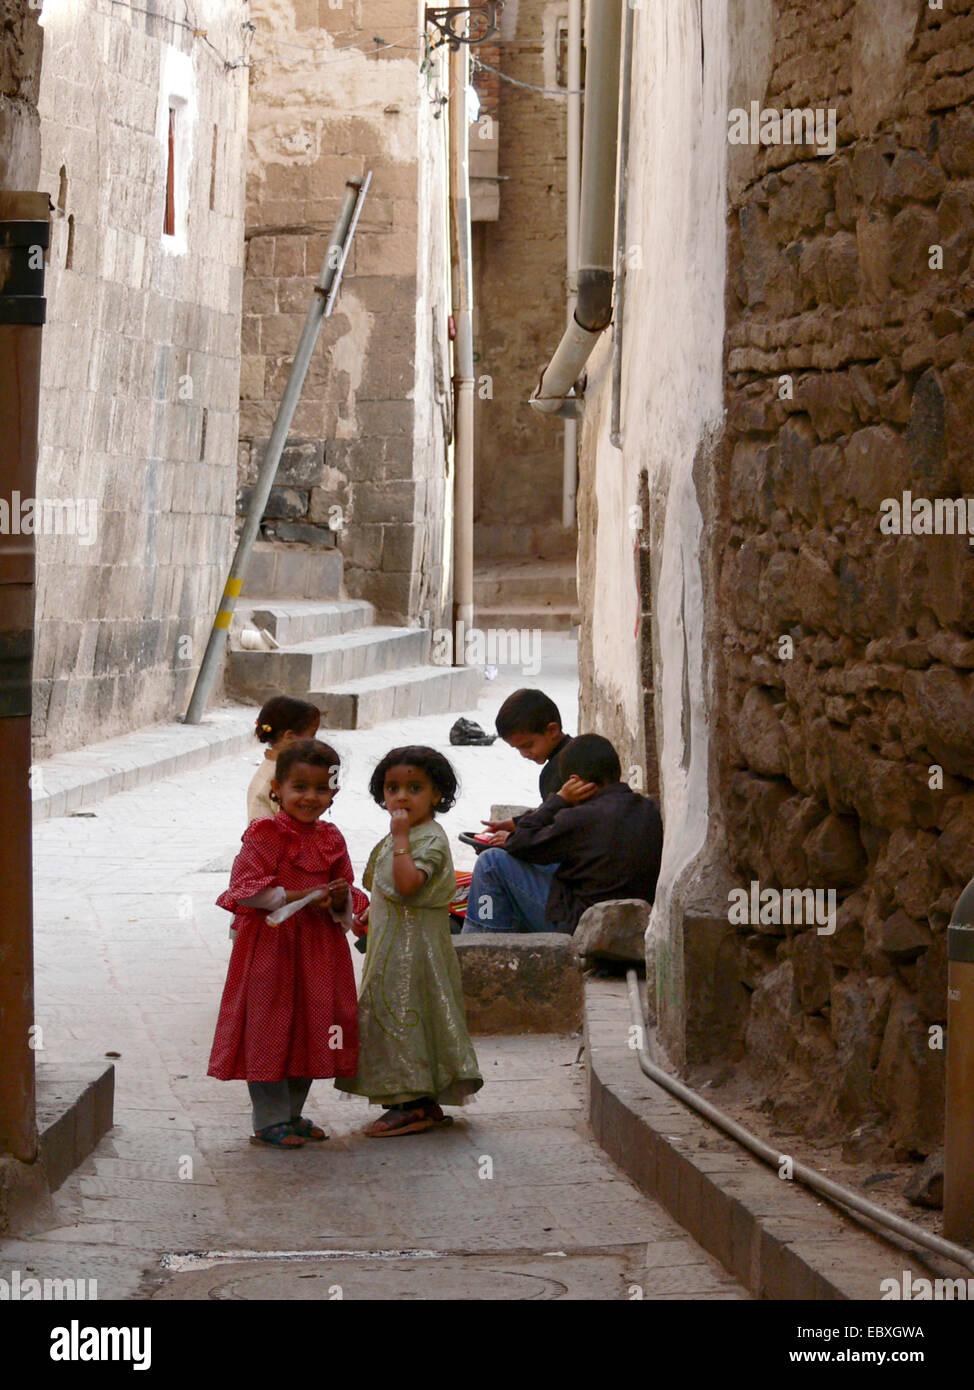 children in alley of old town, Yemen, Sanaa - Stock Image